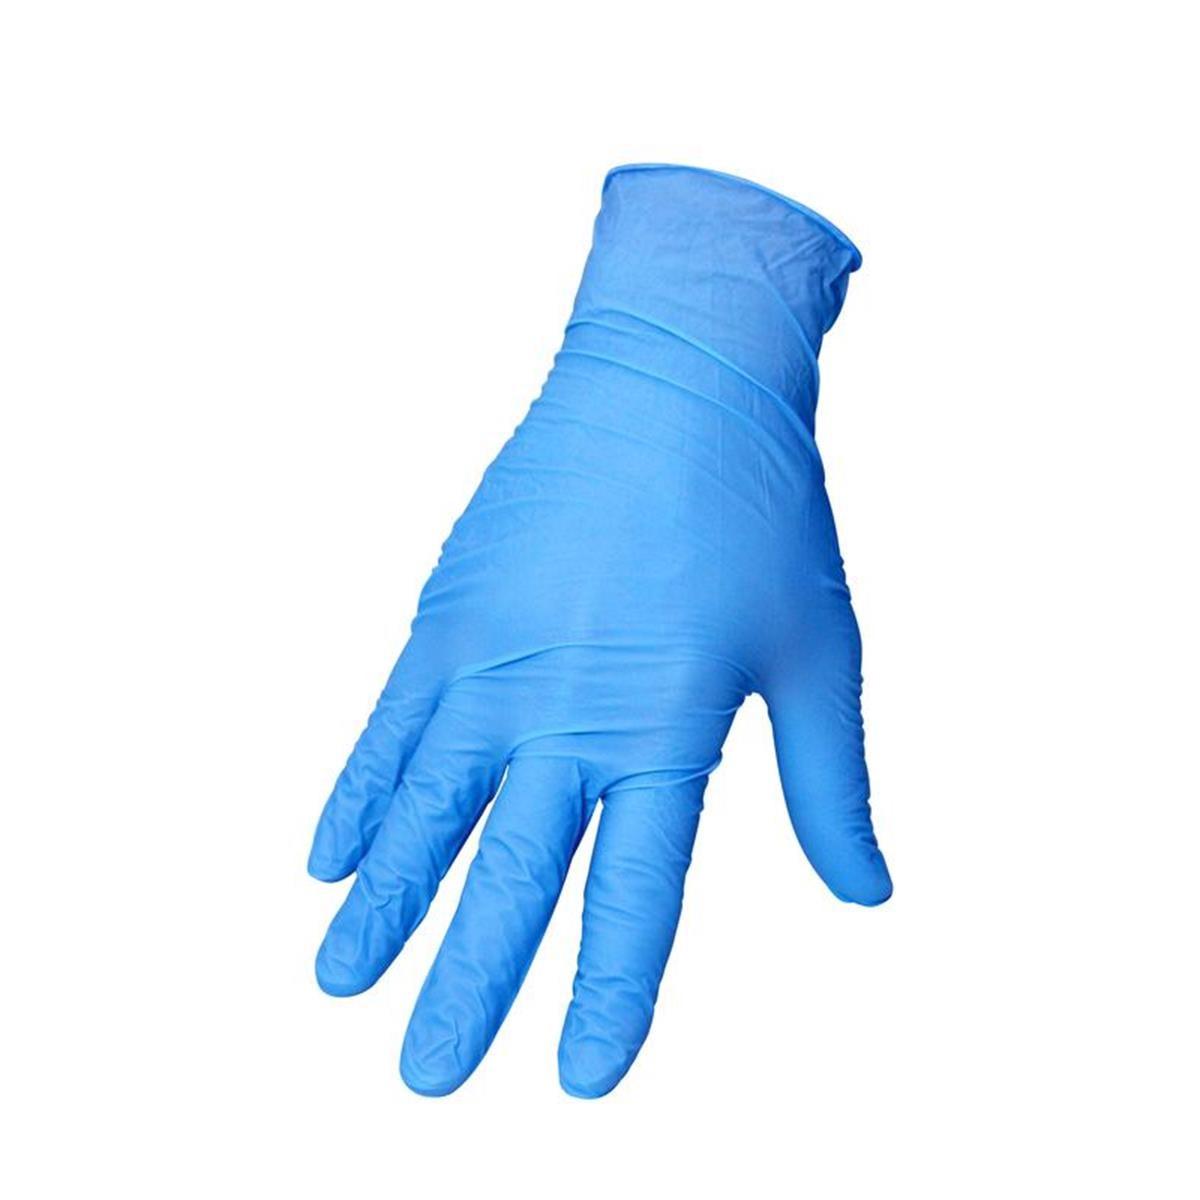 Motion Pro Nitril-Handschuhe Blau, 100er Pack, 0.5 mm